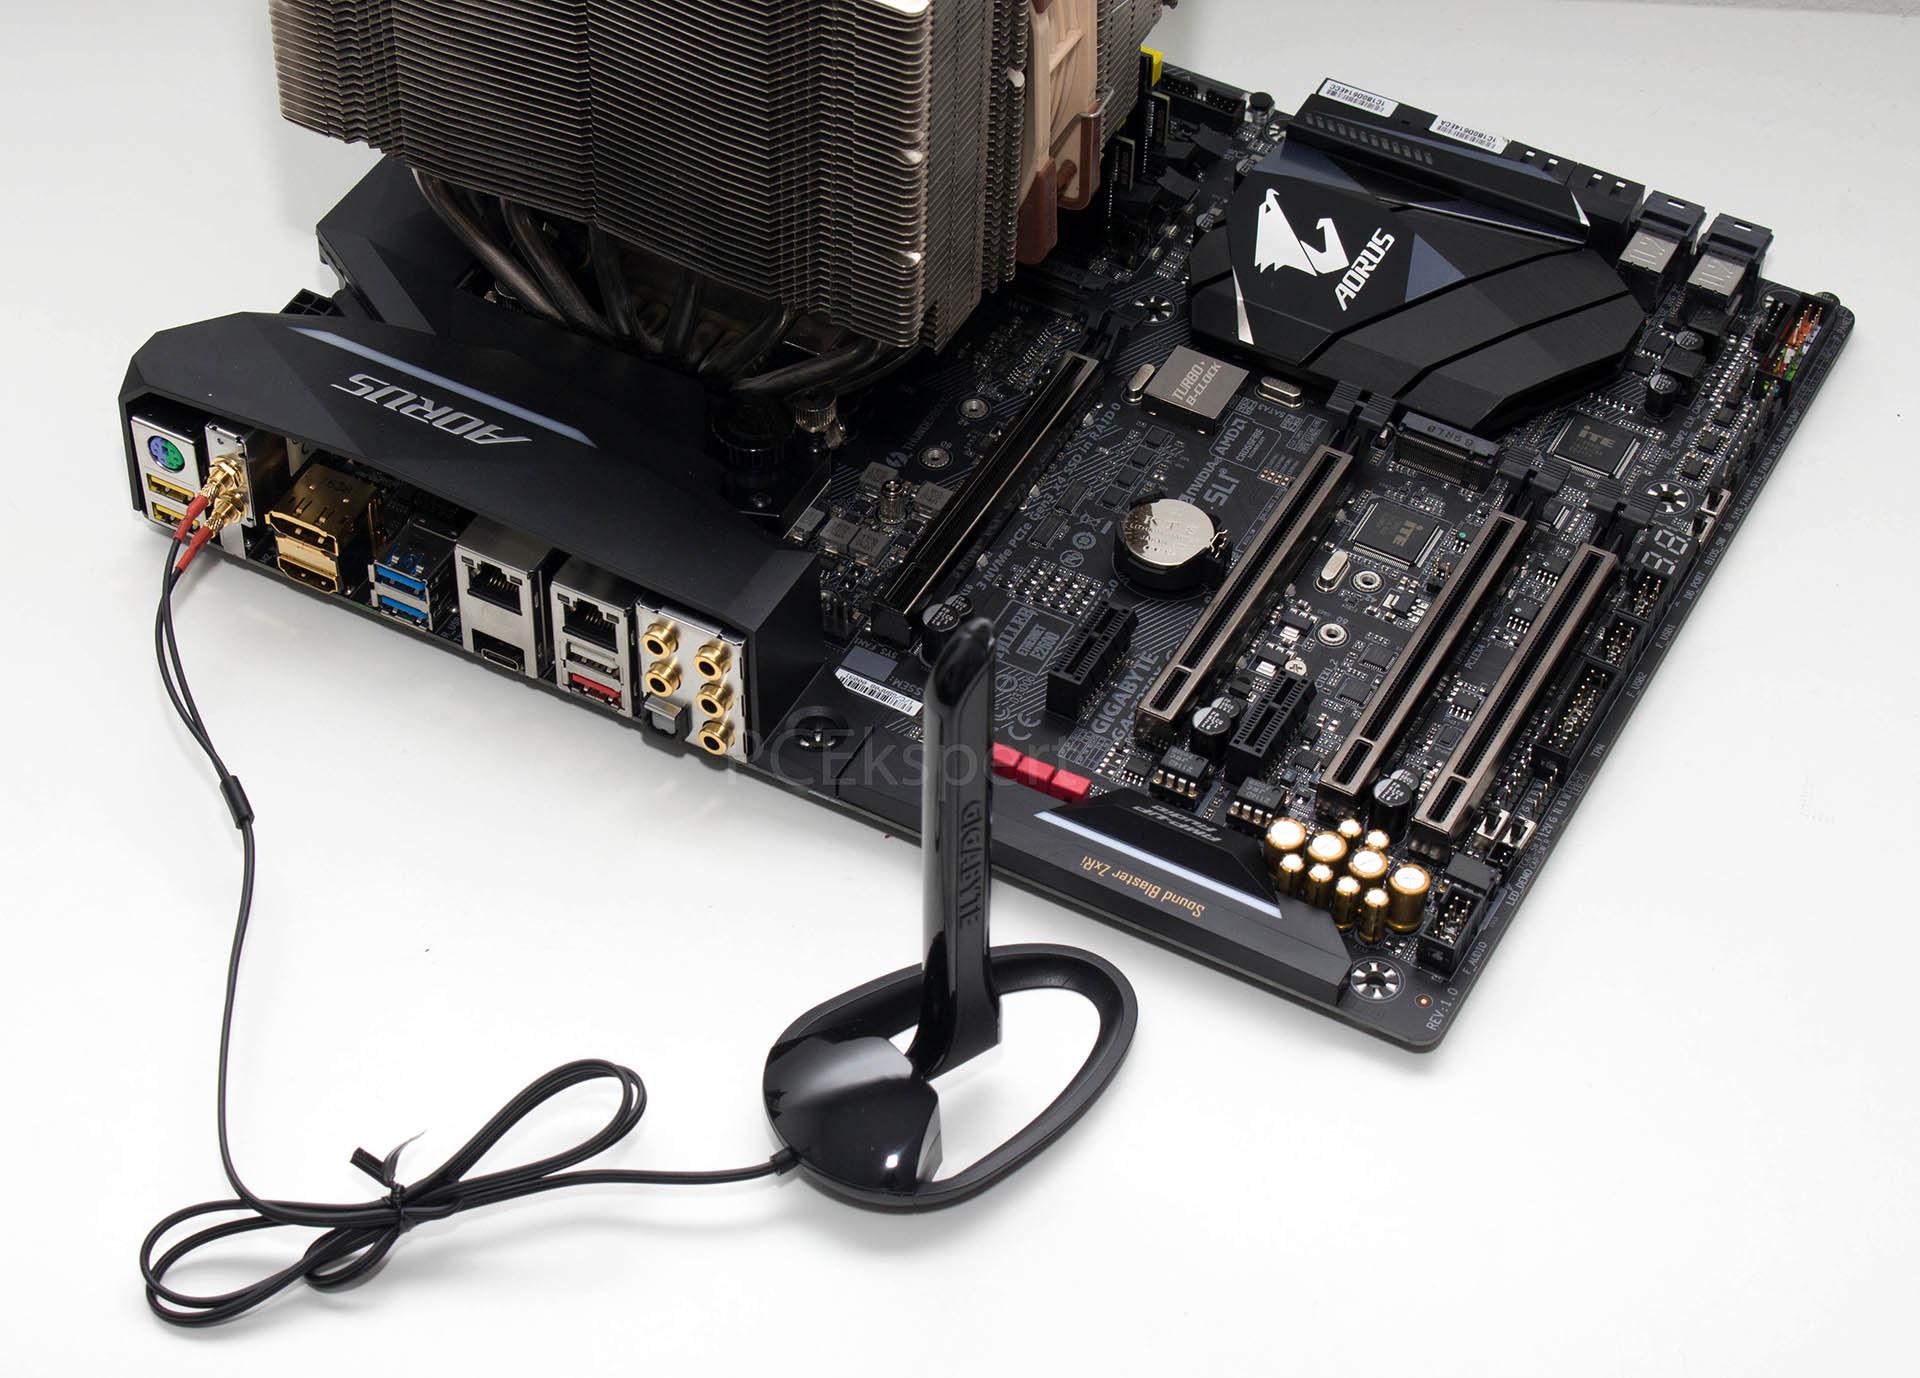 Gigabyte Aorus Z270X-Gaming 8 recenzija